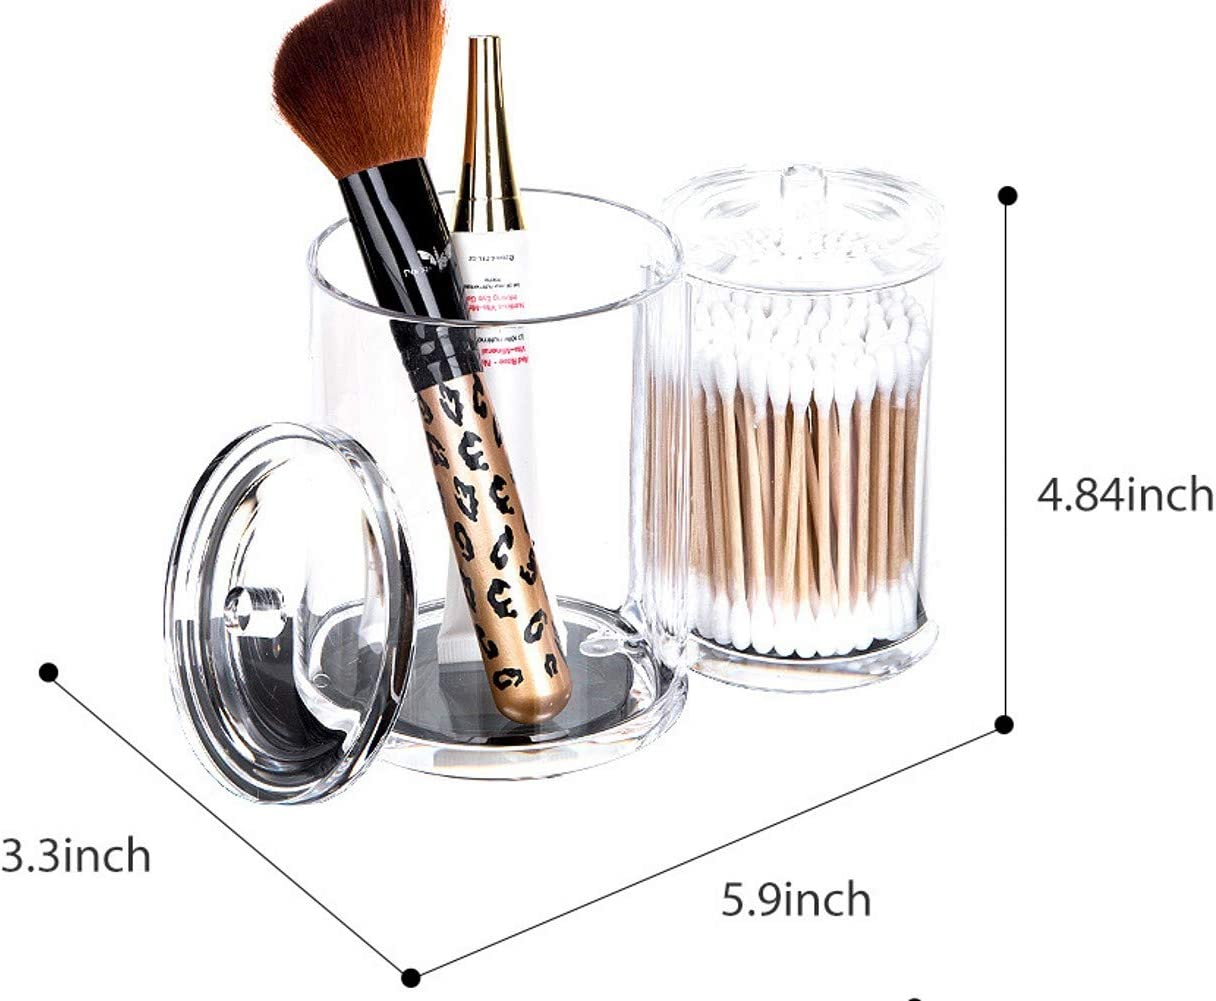 WELTRXE Distributeur de Cotons-tiges de Maquillage Organiseur de Salle de Bain Support de Cotons-tiges avec Couvercle